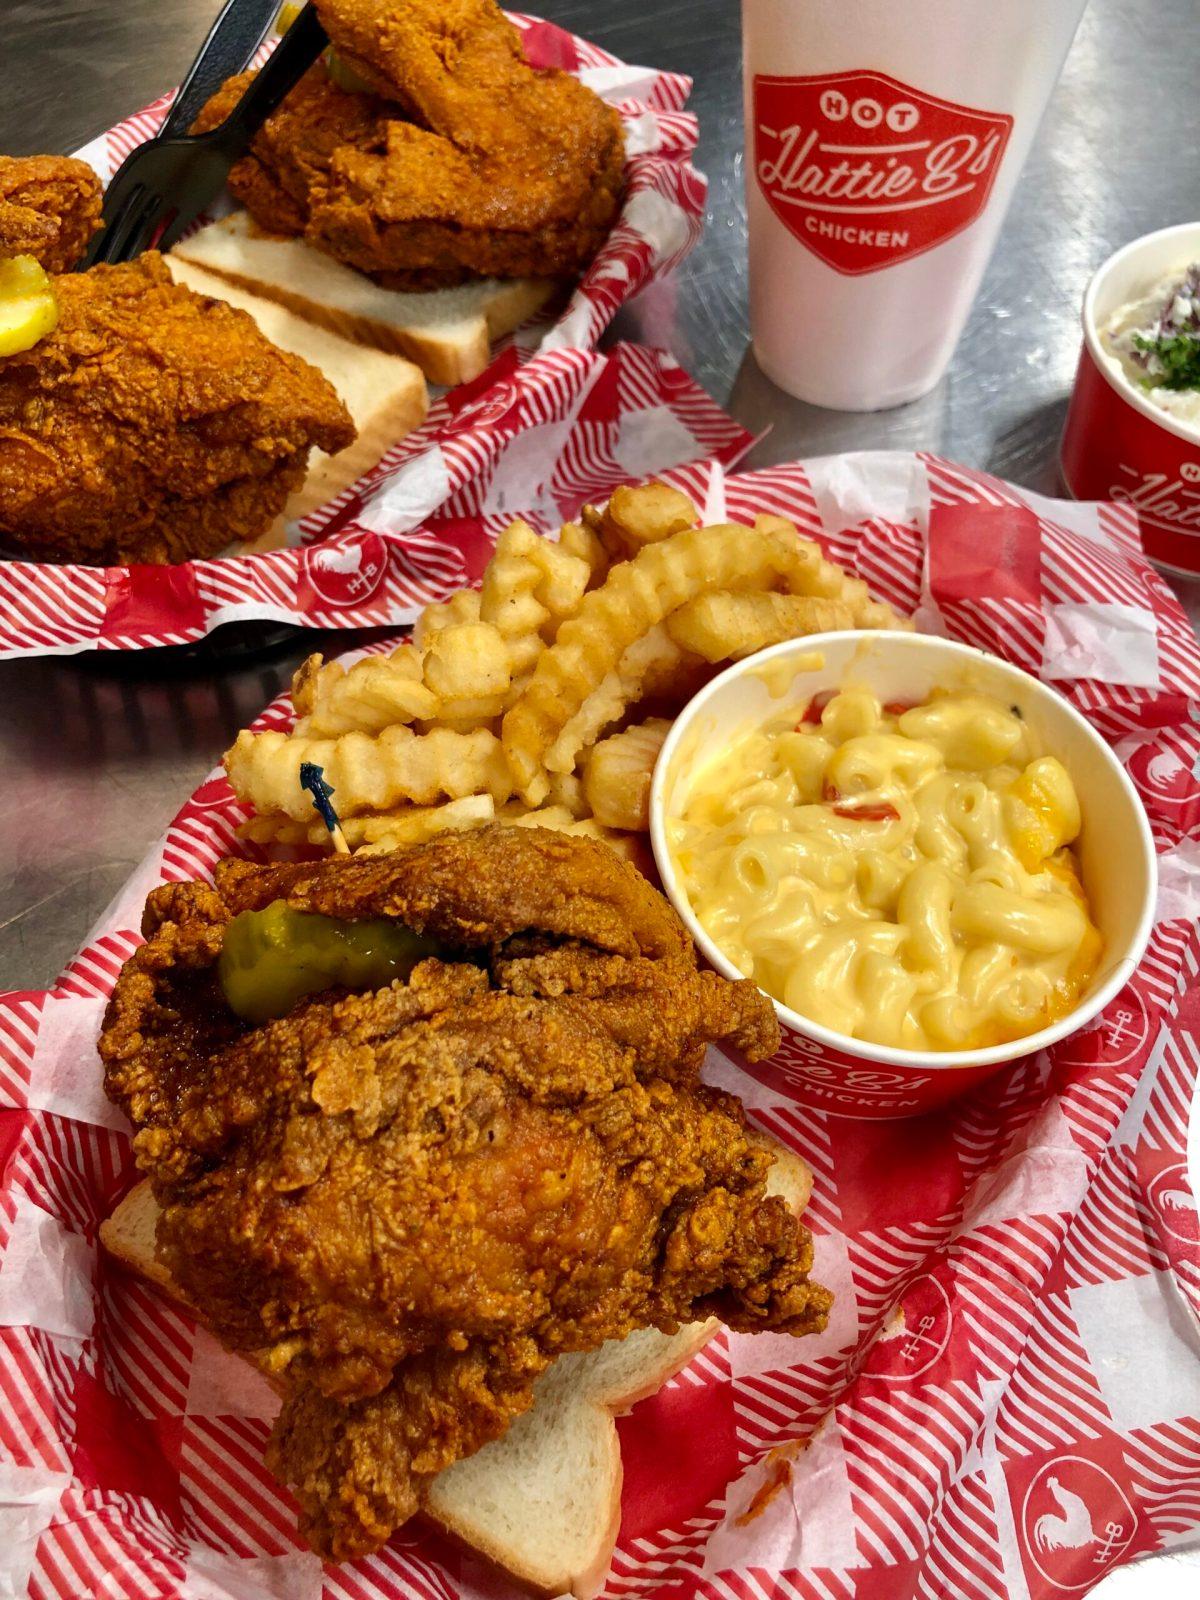 Hattie B's Hot Chicken | Nashville, TN #hattiebs #hattiebshotchicken #hattieBsnashville #nashvillehotchicken #hotchickennashville #bestfoodinnashville #wheretoeatnashville